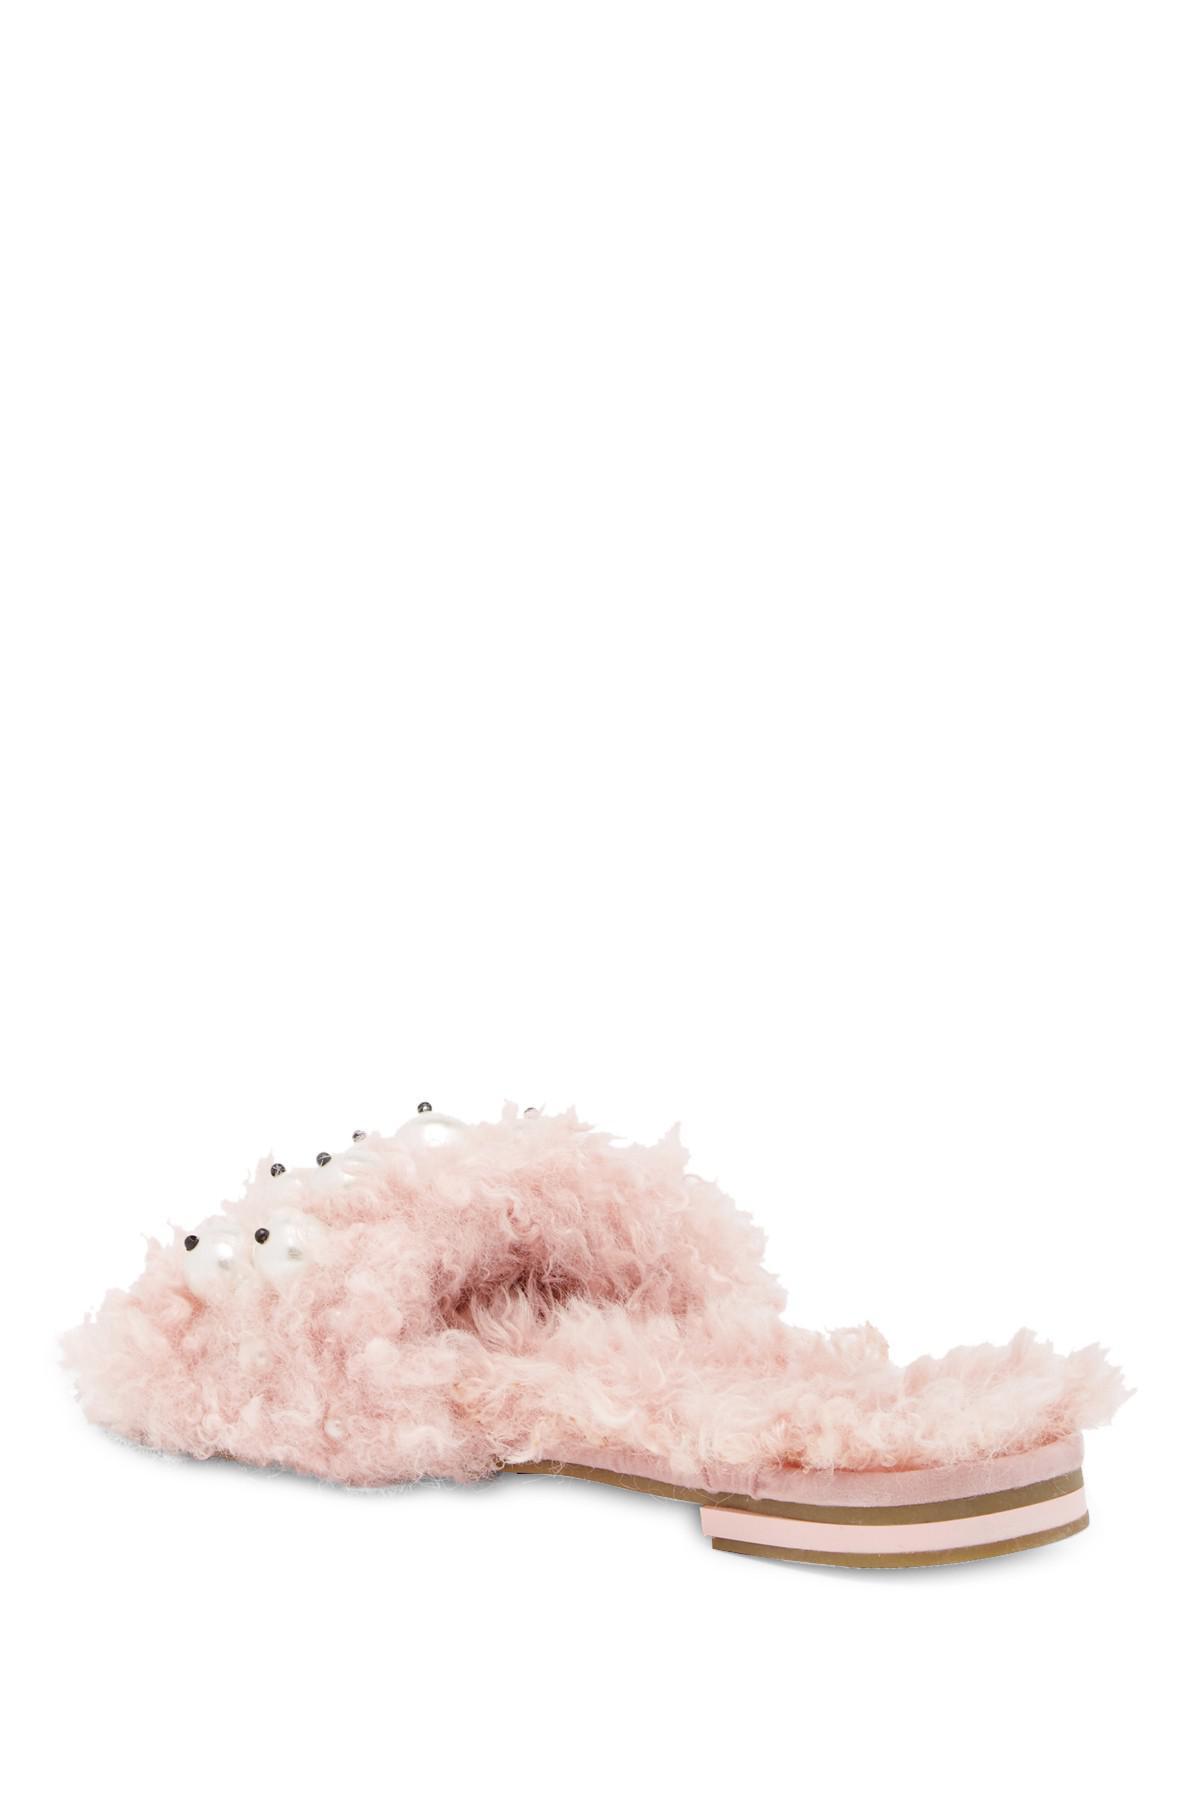 fbf4e6bc463 Lyst - Cape Robbin Evelyn Faux Fur Slide Sandal in Purple